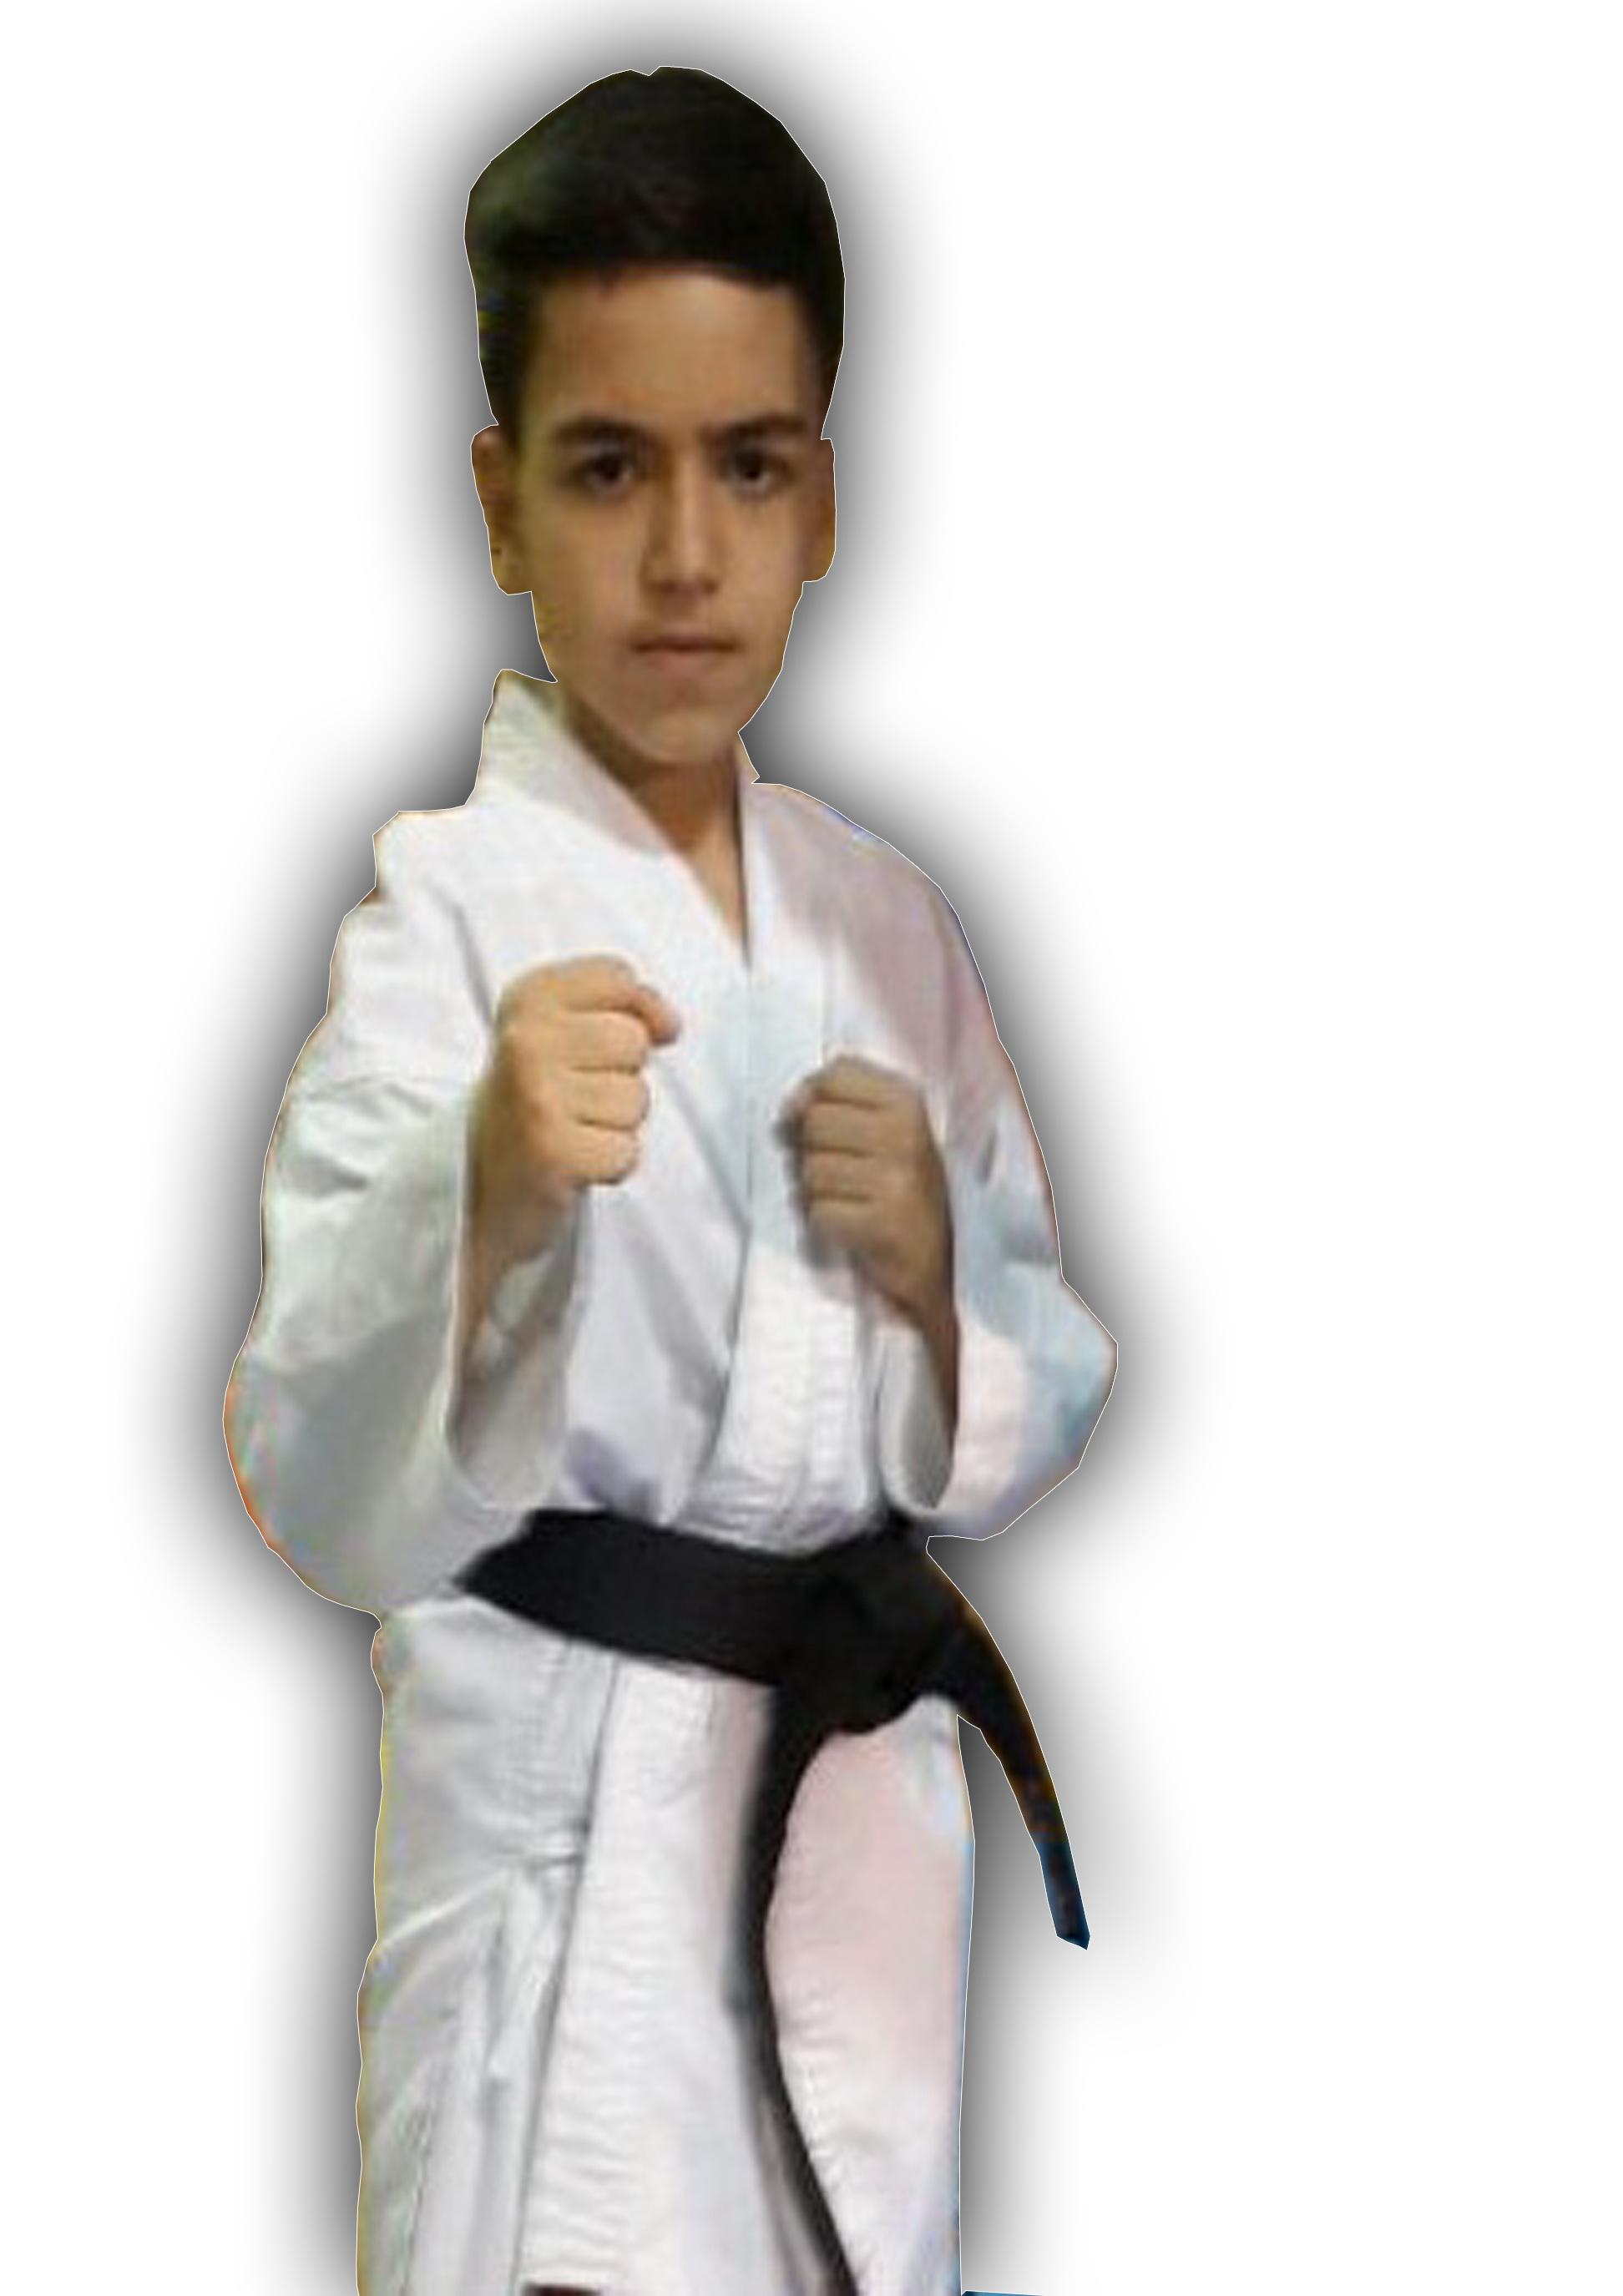 مدال طلای مسابقات جهانی سبک ذن شین کاراته بر گردن نوجوان شایسته ایوانی